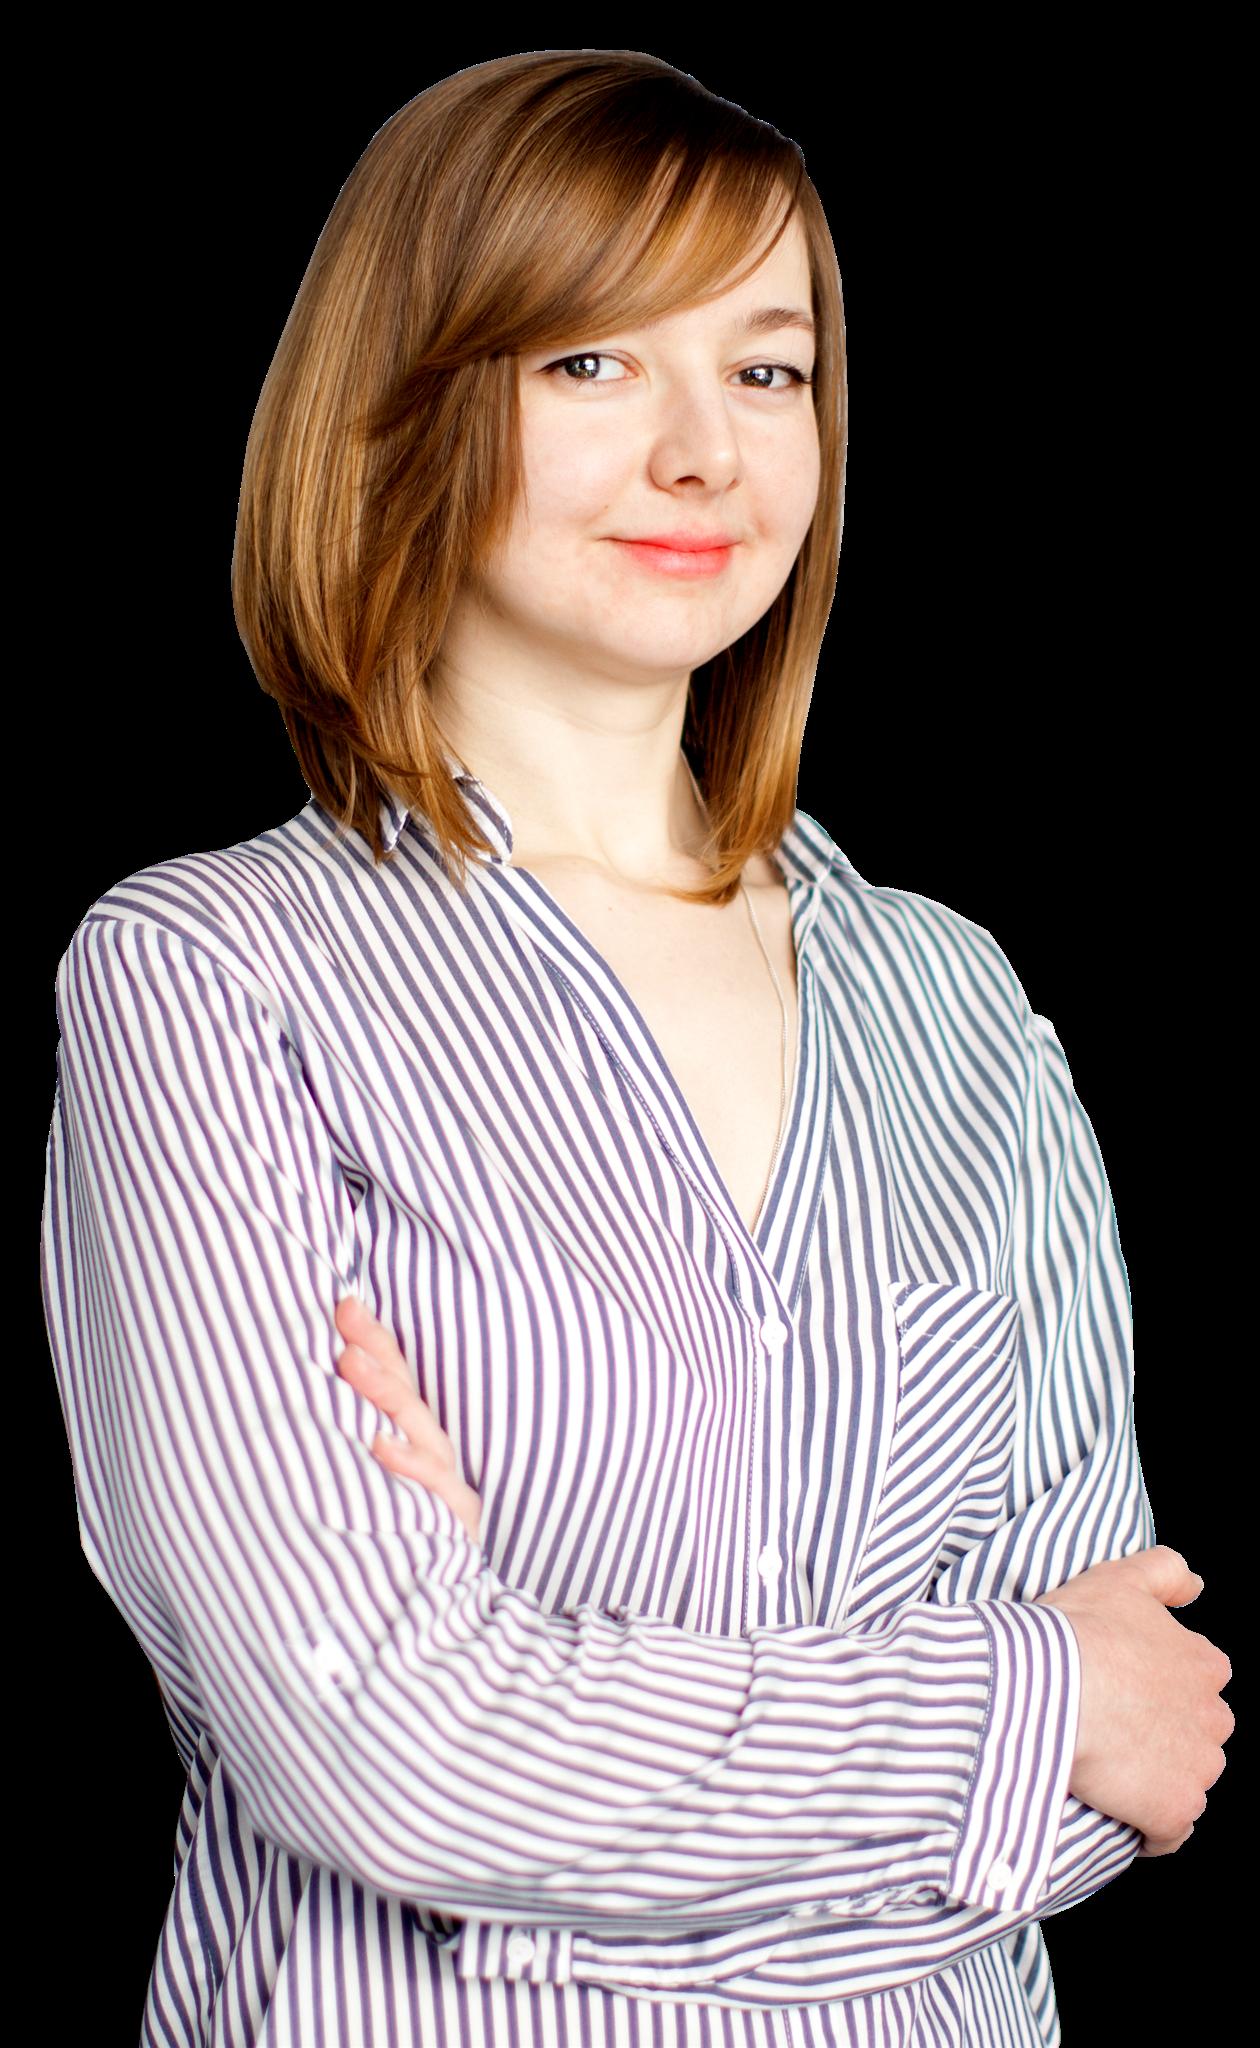 Александра Скрипник бренд-менеджер журналов направления «Госзакупки»